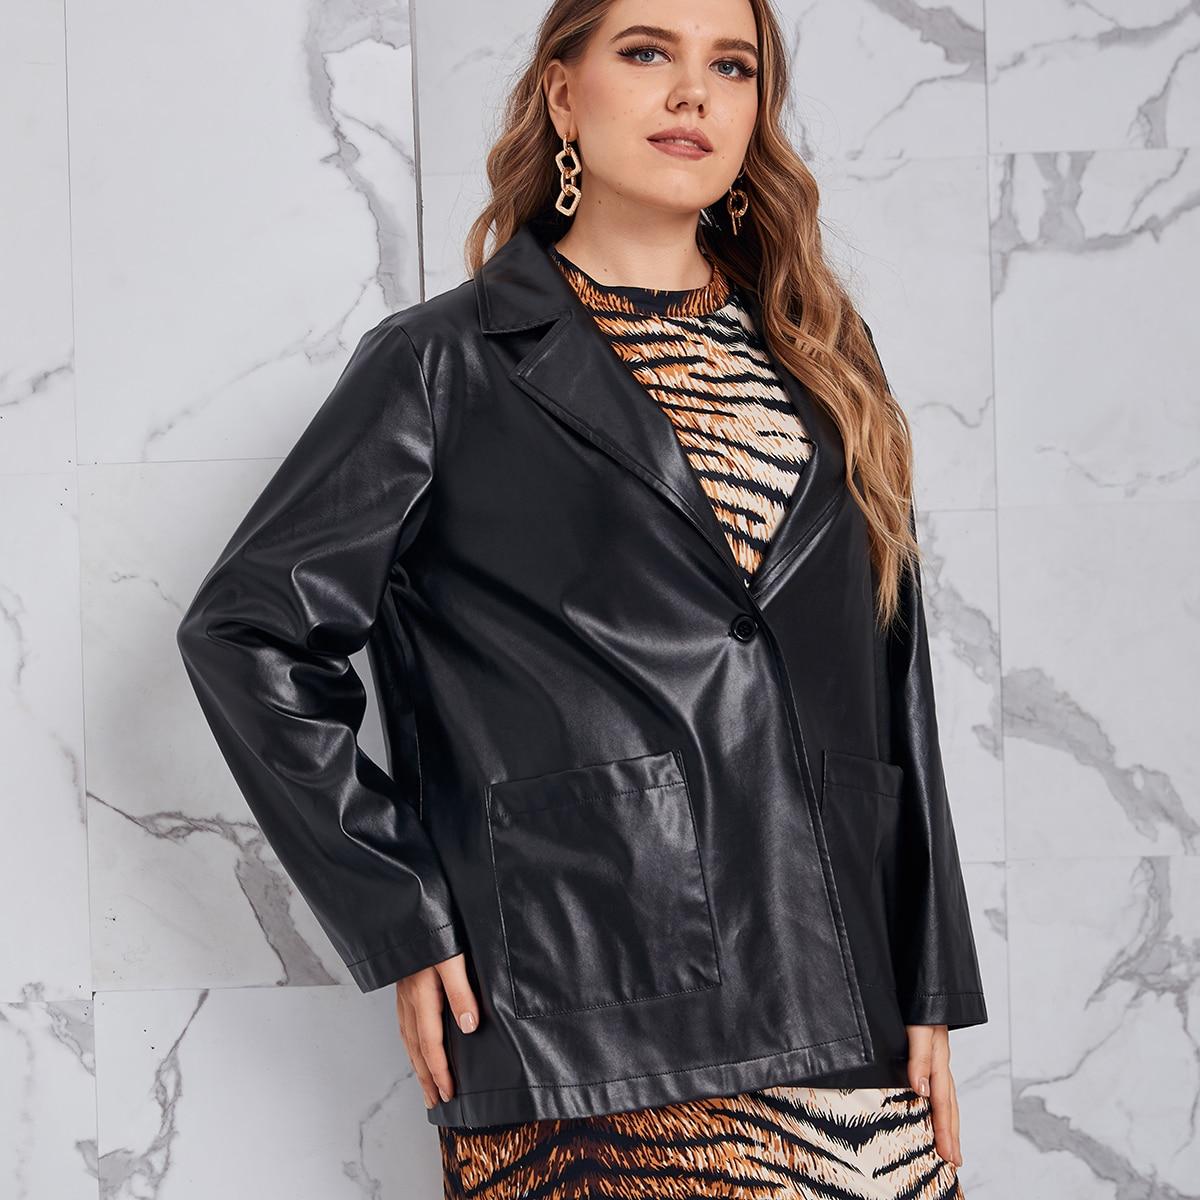 SHEIN / PU Leder Mantel mit Revers und doppelten Taschen